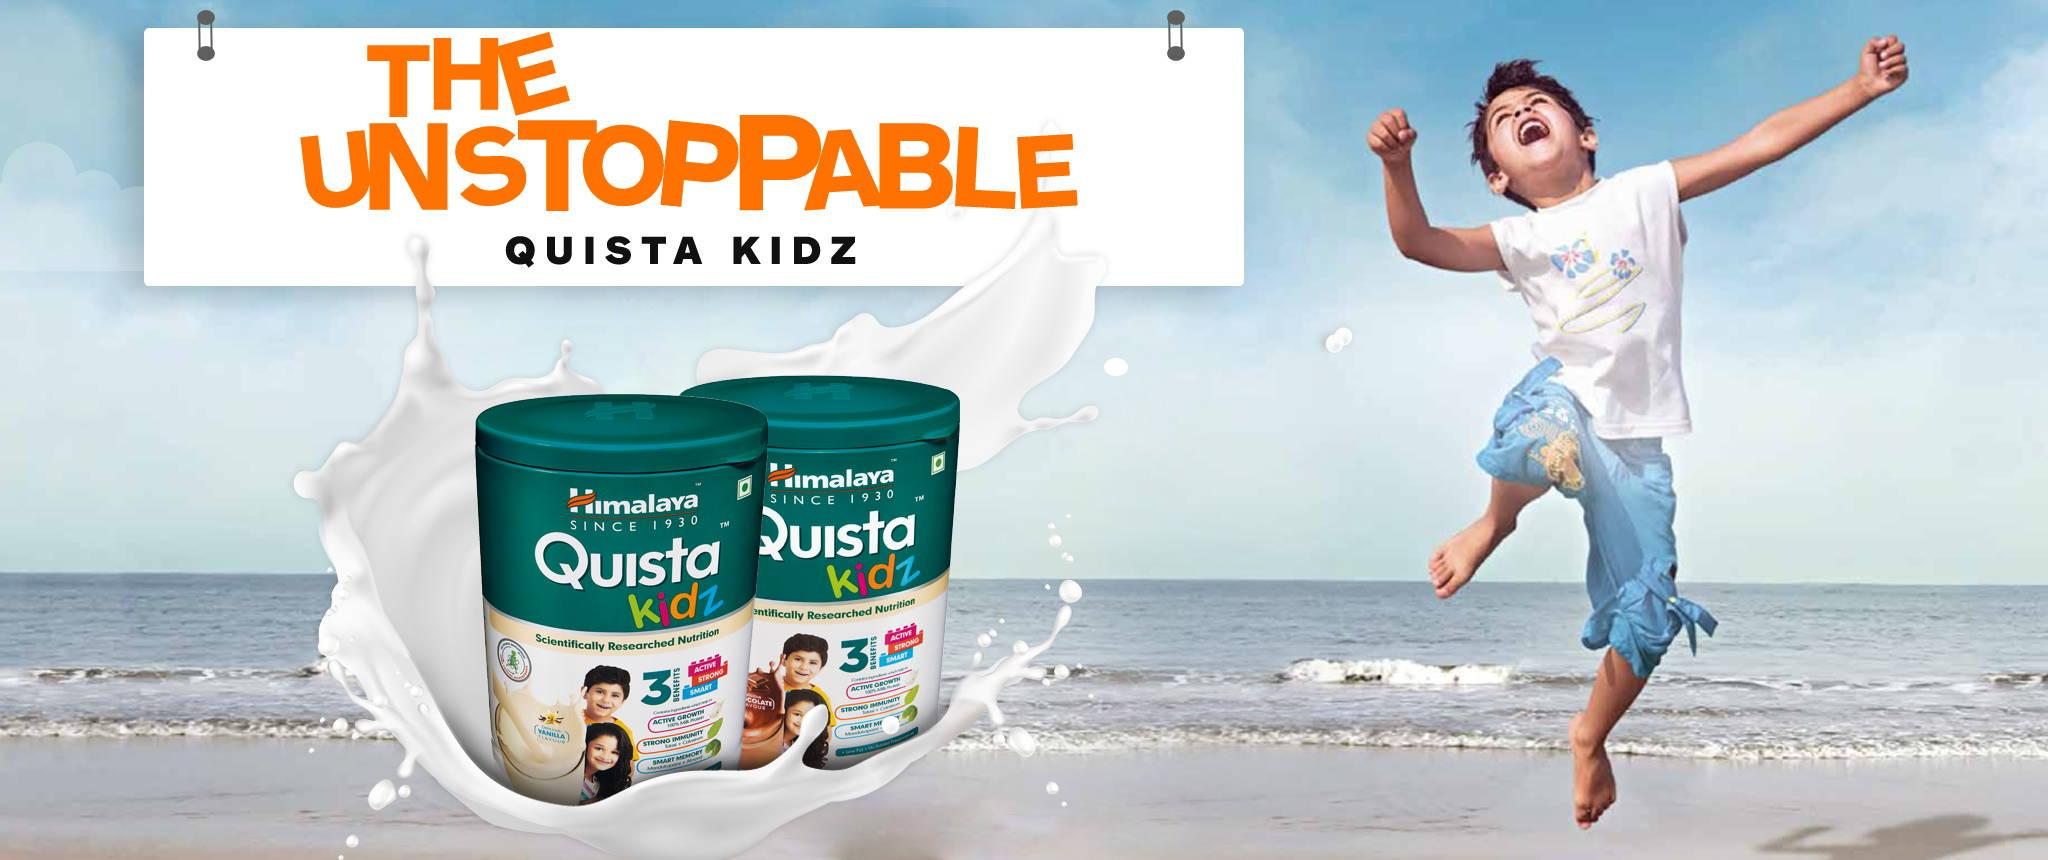 Quista Kidz